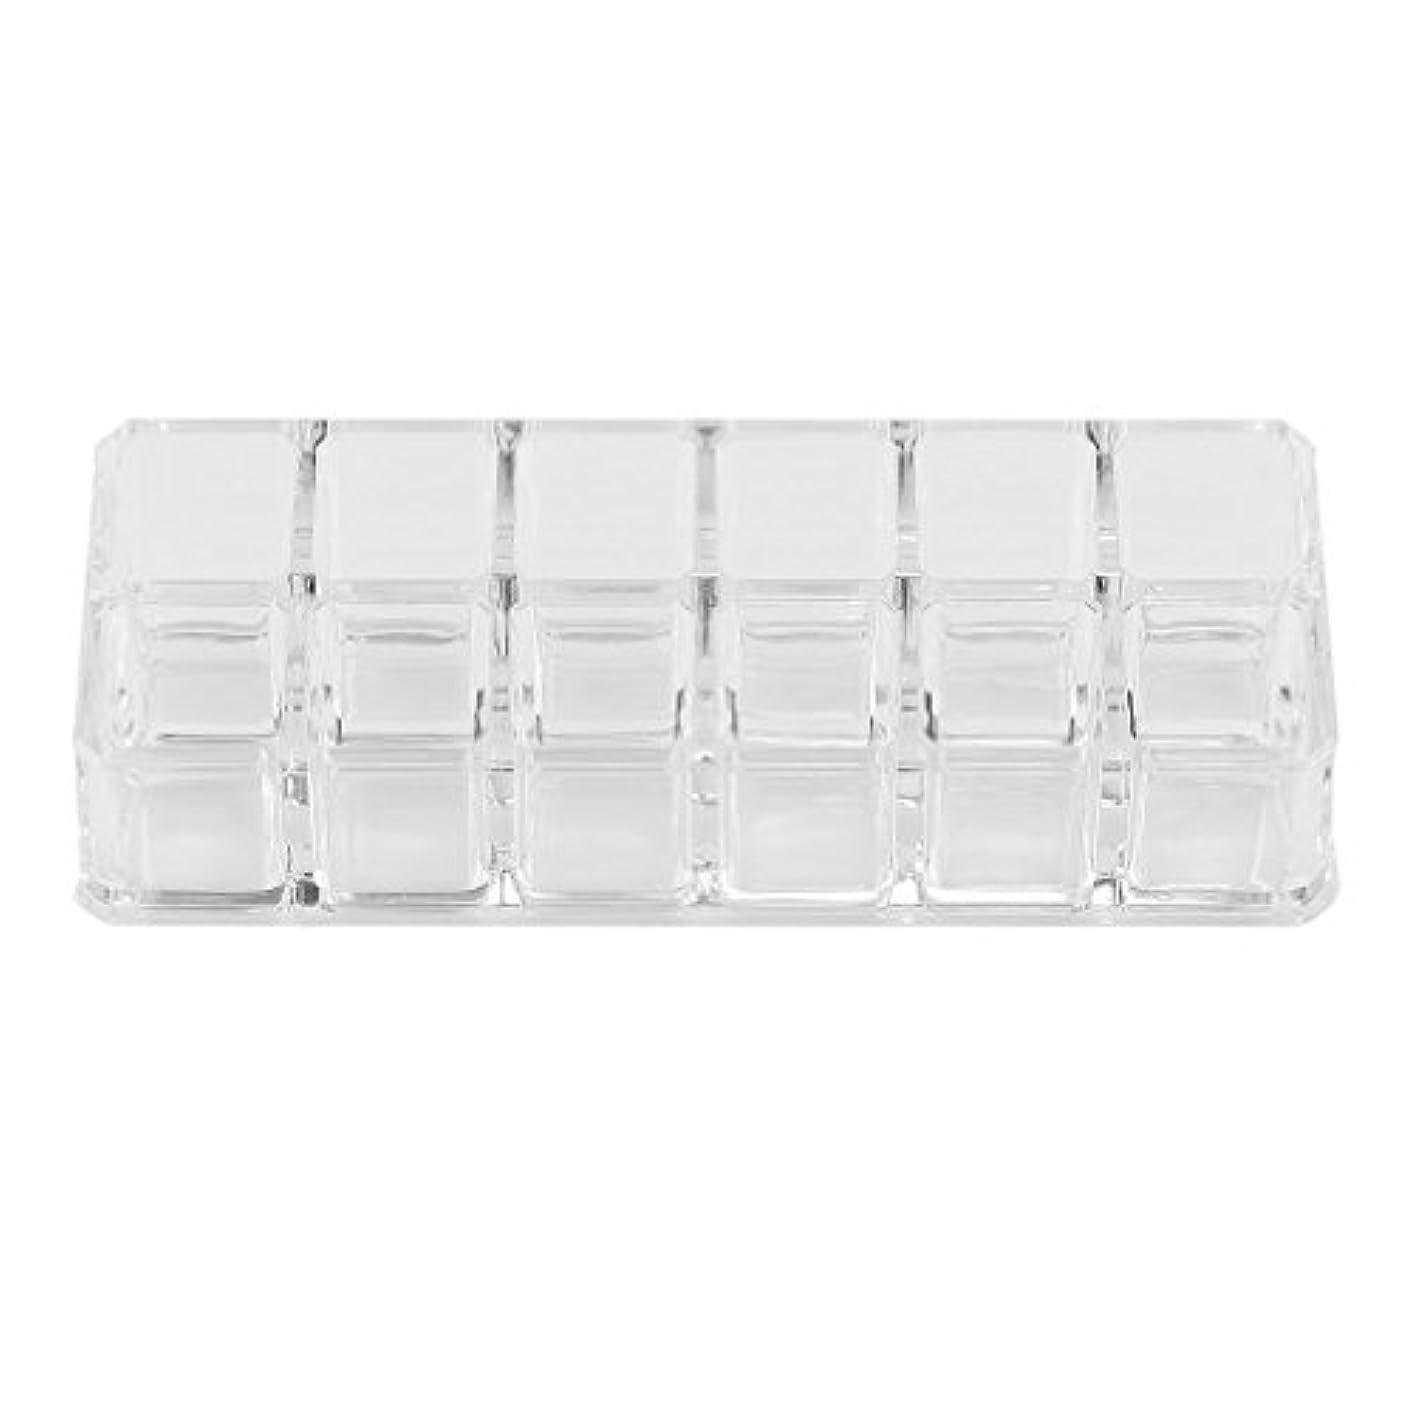 パンサースラダム変成器ケースメイク化粧品の口紅の主催ホルダー省スペース型スタンド1PCS 12台形透明アクリルメイクアップ?ディスプレイ?リップスティック